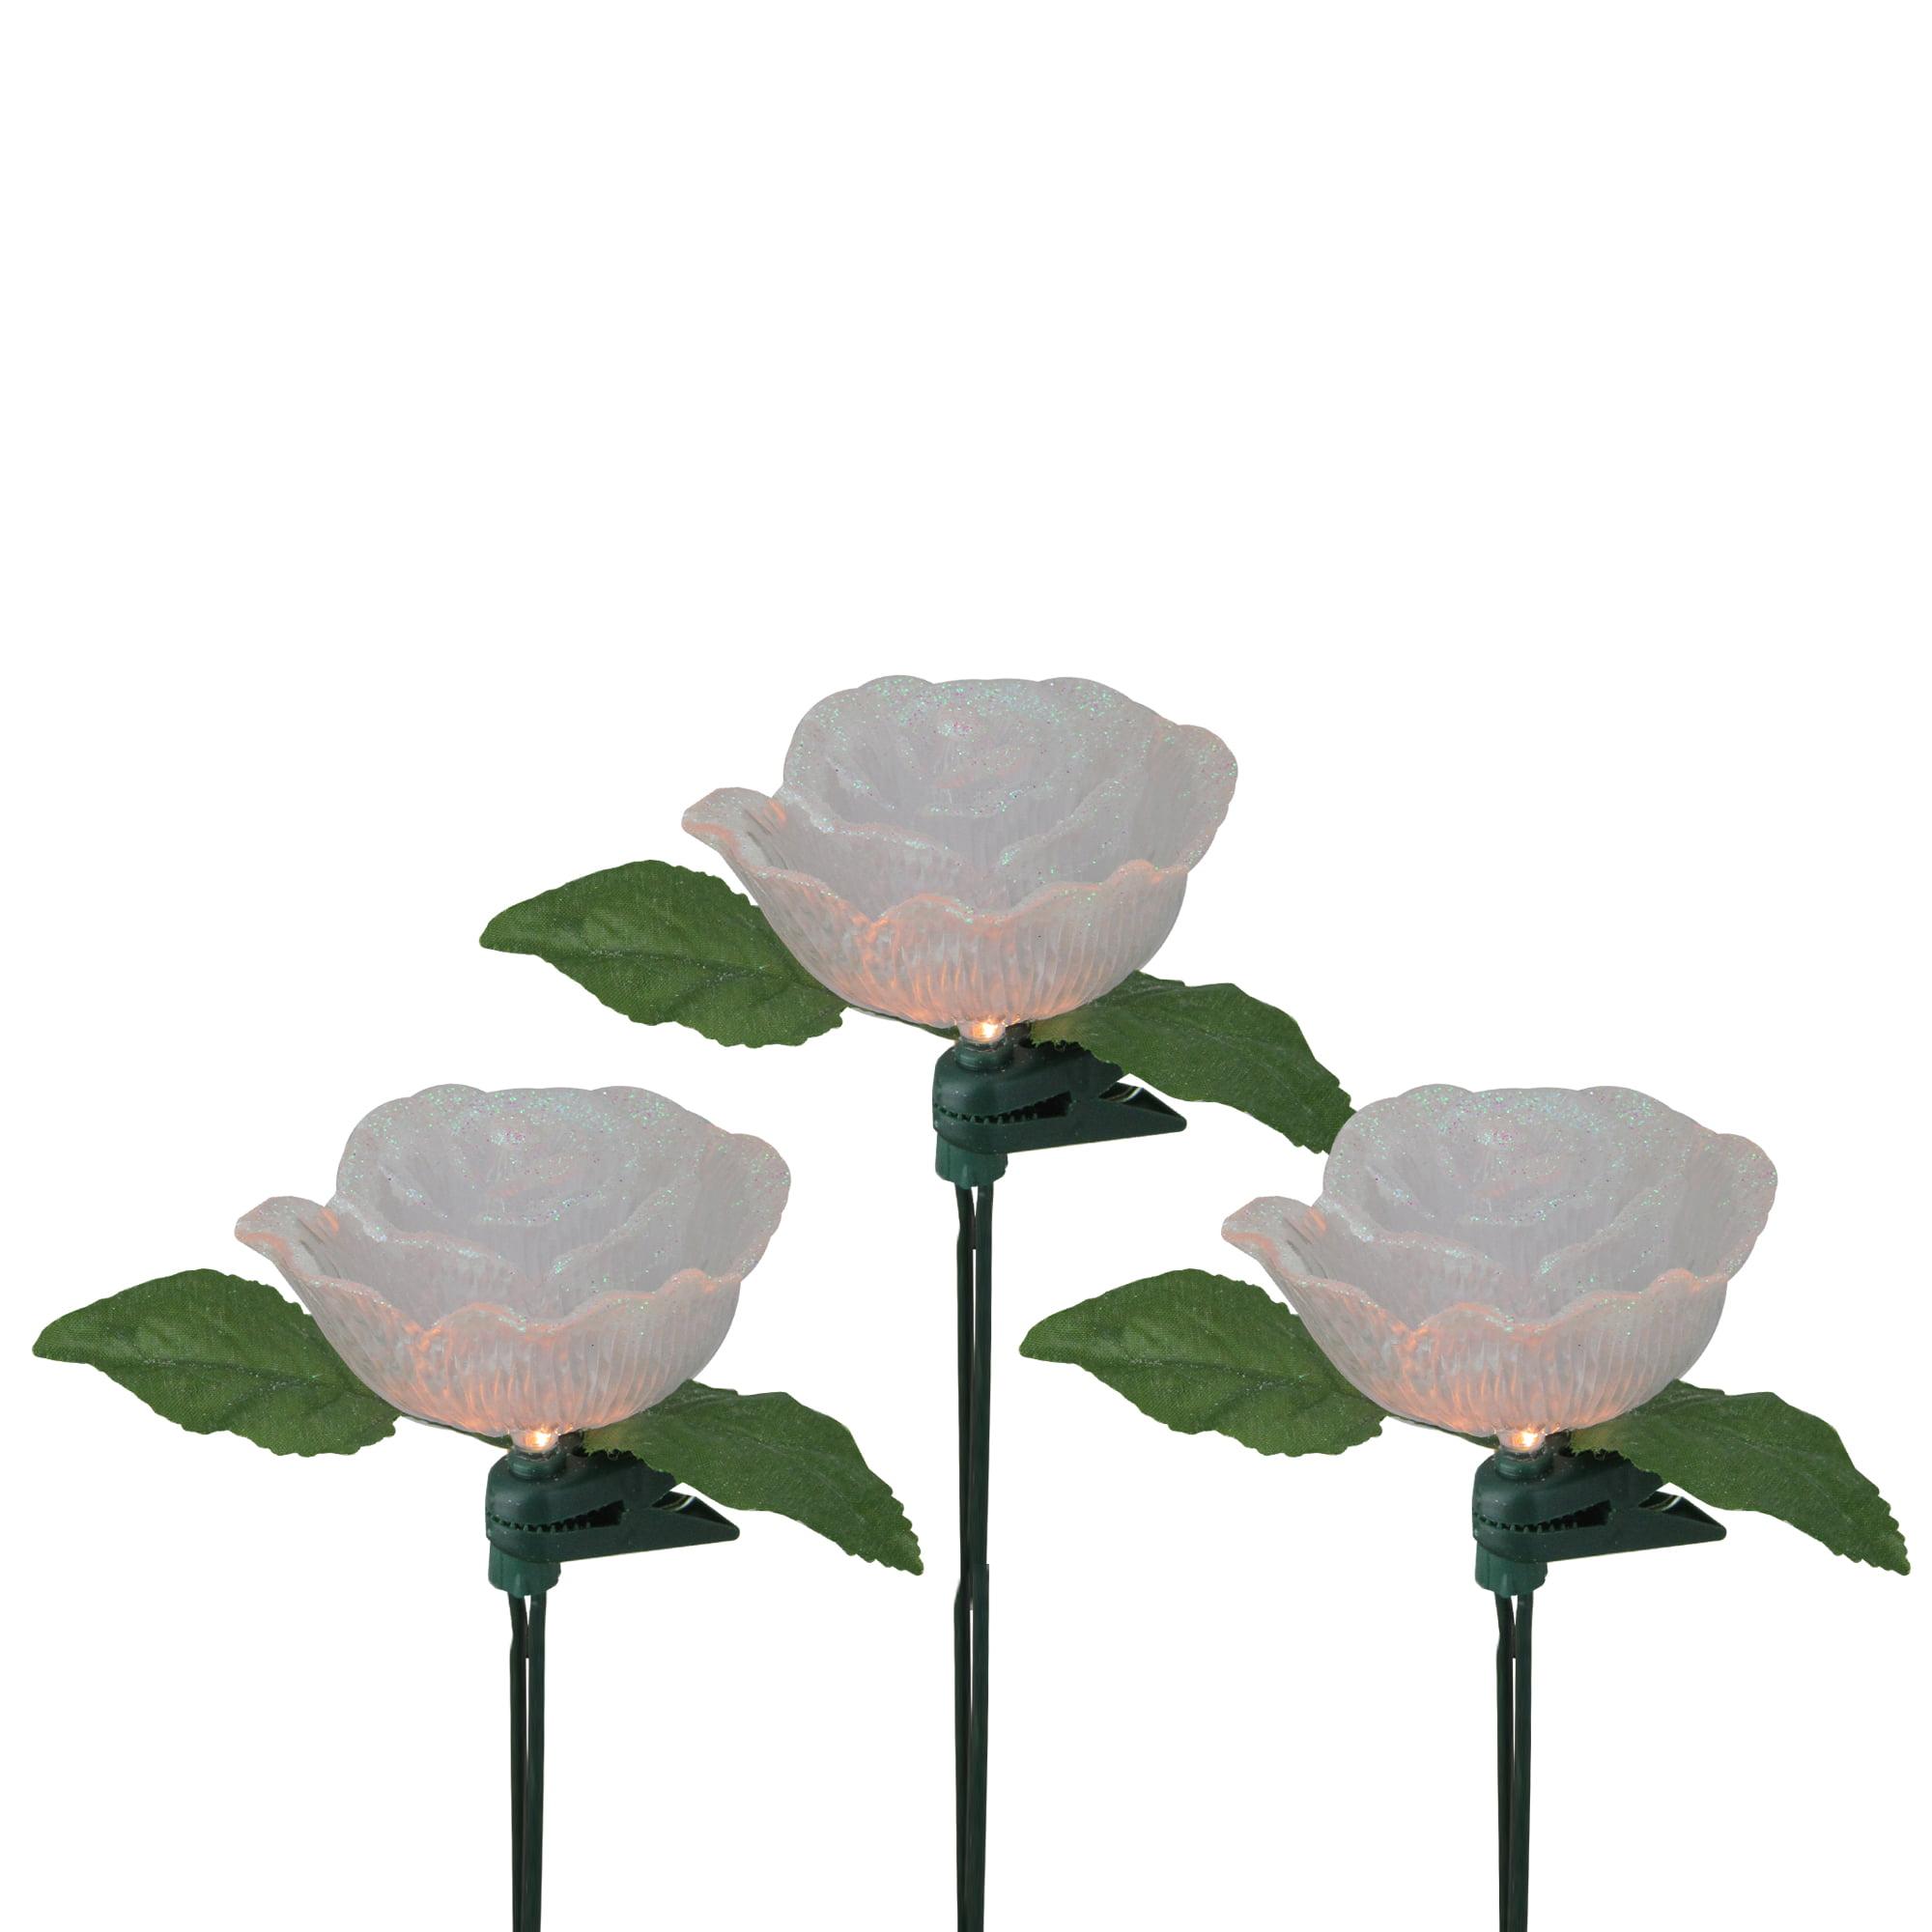 Kurt S. Adler 10ct Glittered Rose Flower String Lights Clear - 10' Green Wire